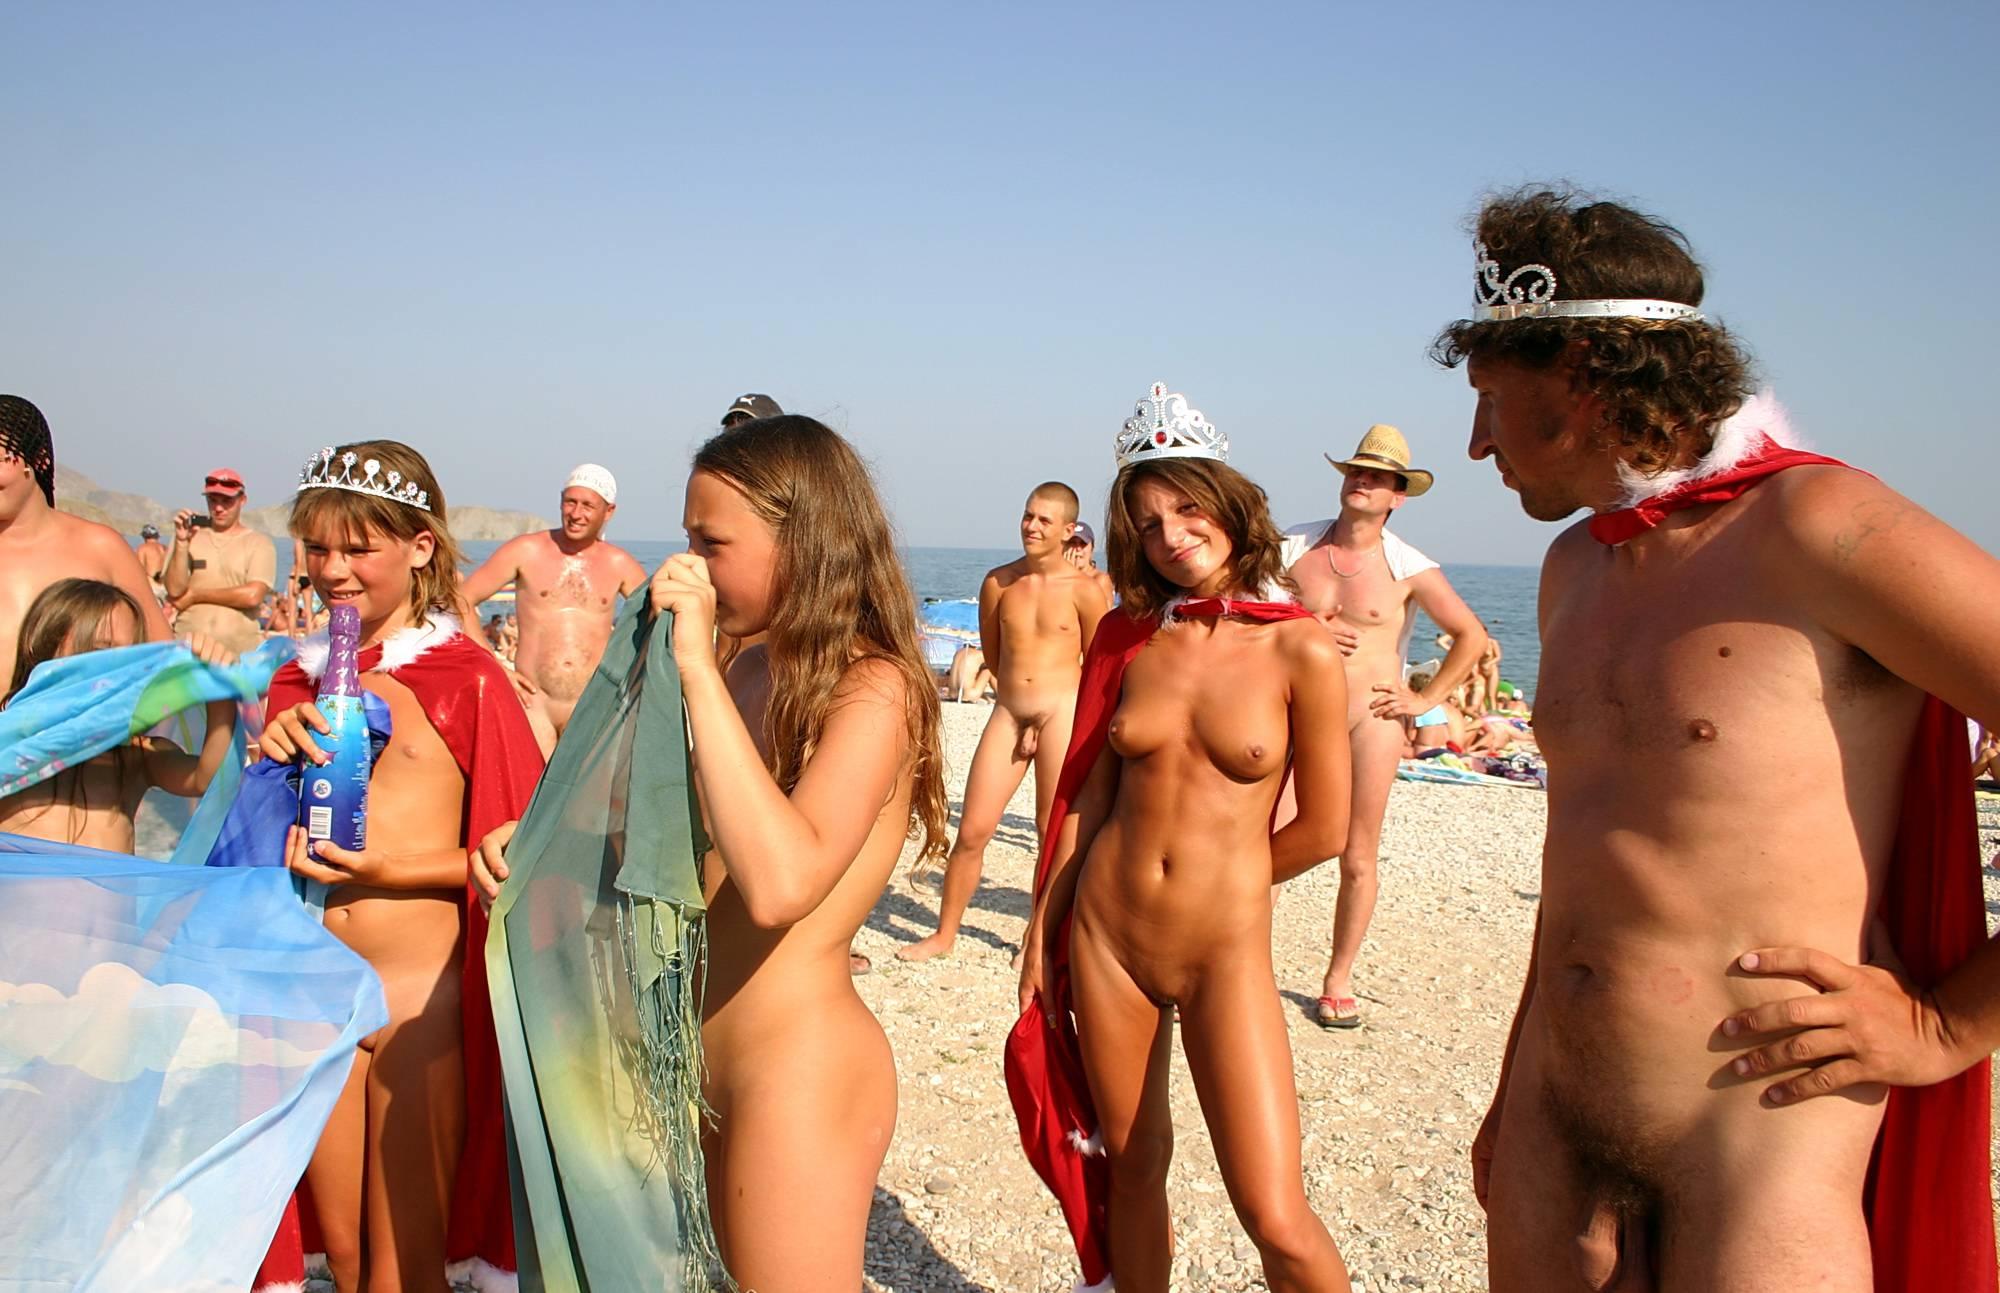 Purenudism Pics-Red Caped Sun Festival - 1